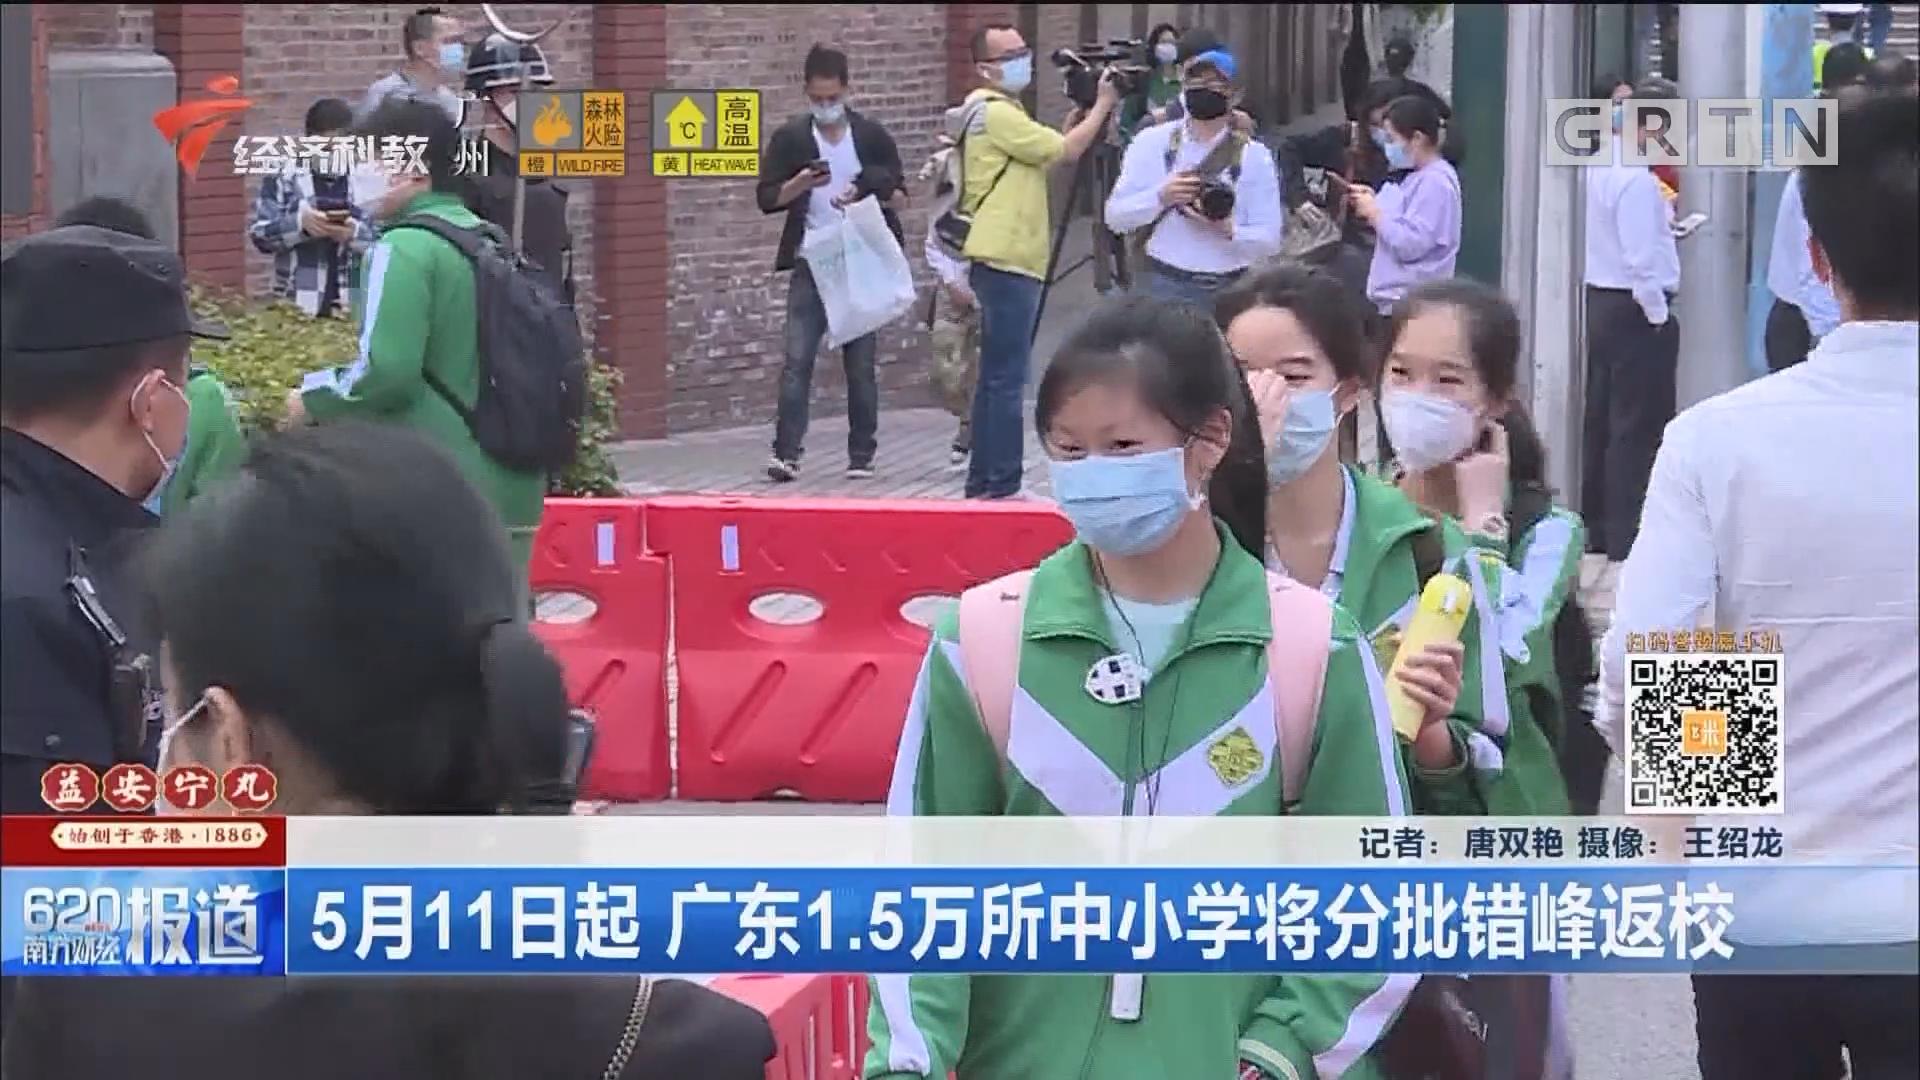 5月11日起 廣東1.5萬所中小學將分批錯峰返校